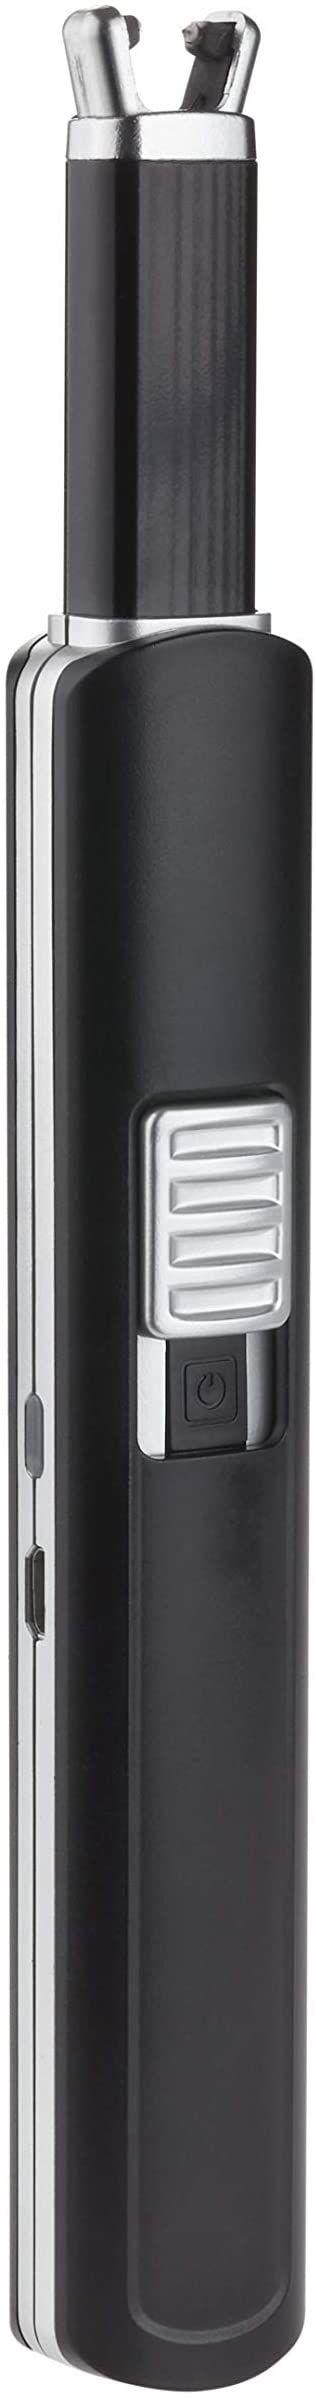 TFA elektroniczna zapalarka, 98.1119.01, łuk świetlny, do zapalania świec i zniczy, zapalniczka, ładowanie poprzez USB